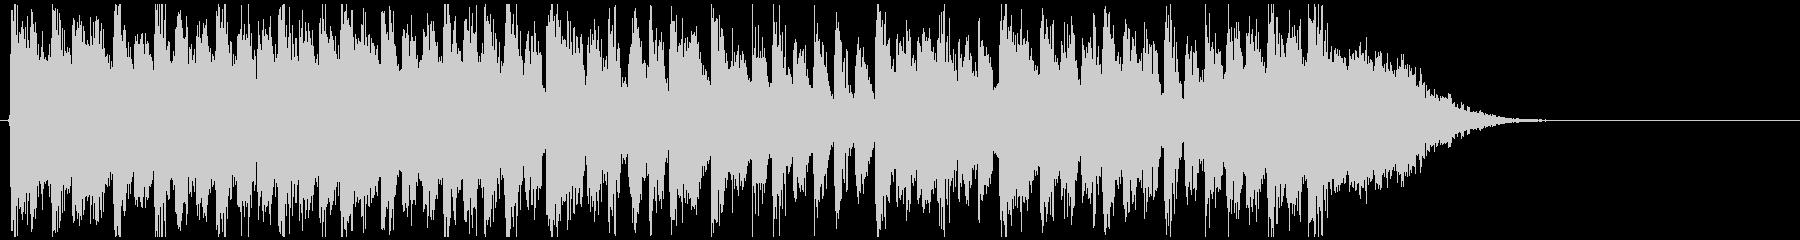 デジタル系ドラムンベース◆15秒ジングルの未再生の波形